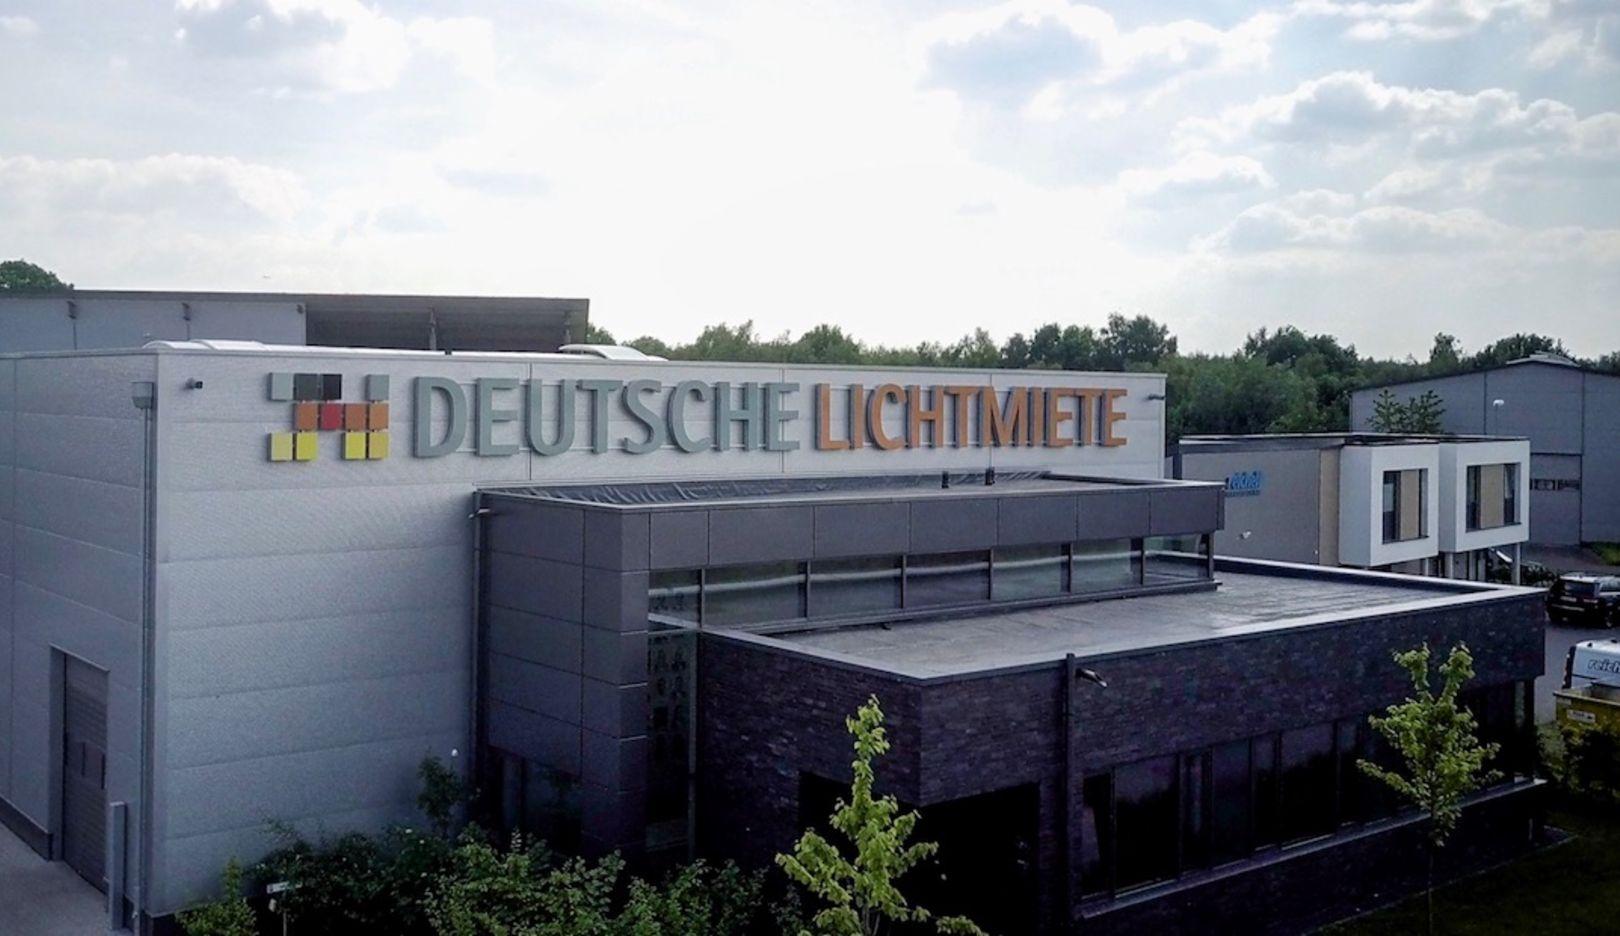 Deutsche Lichtmiete, Oldenburg, 2018, Porsche AG